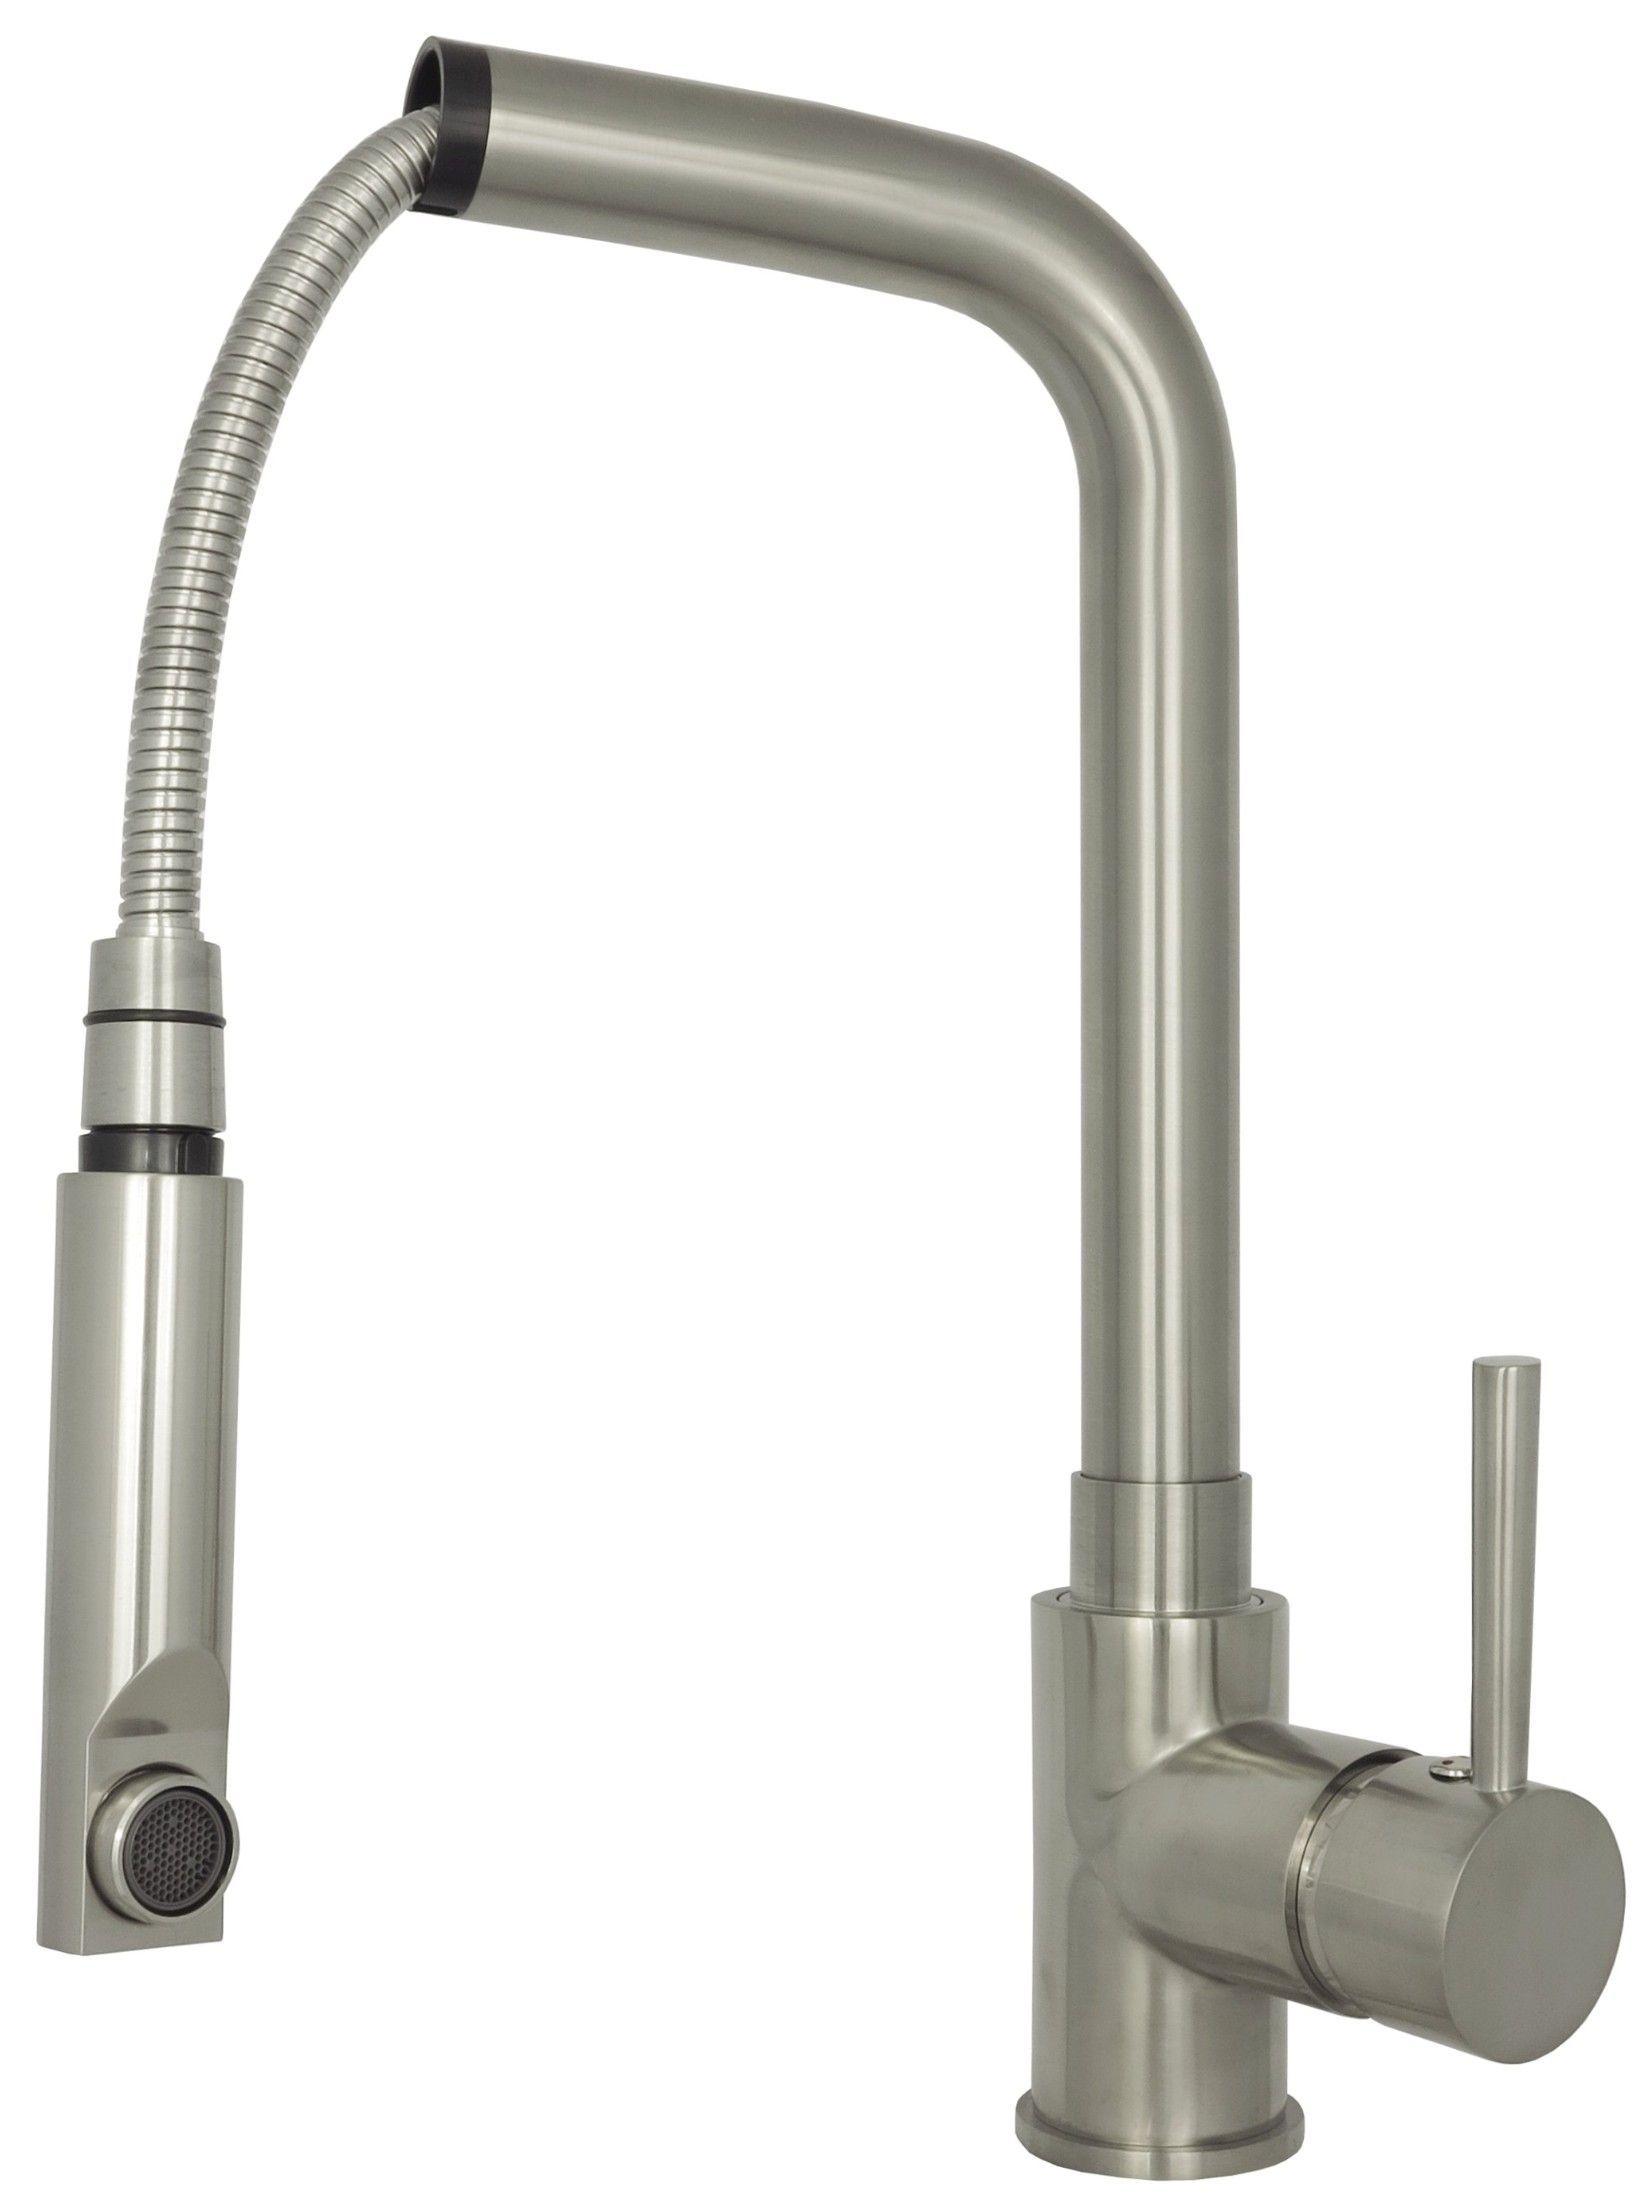 ausziehbare Edelstahl Einhebelmischer Küchenarmatur Spültischarmatur Wasserhahn